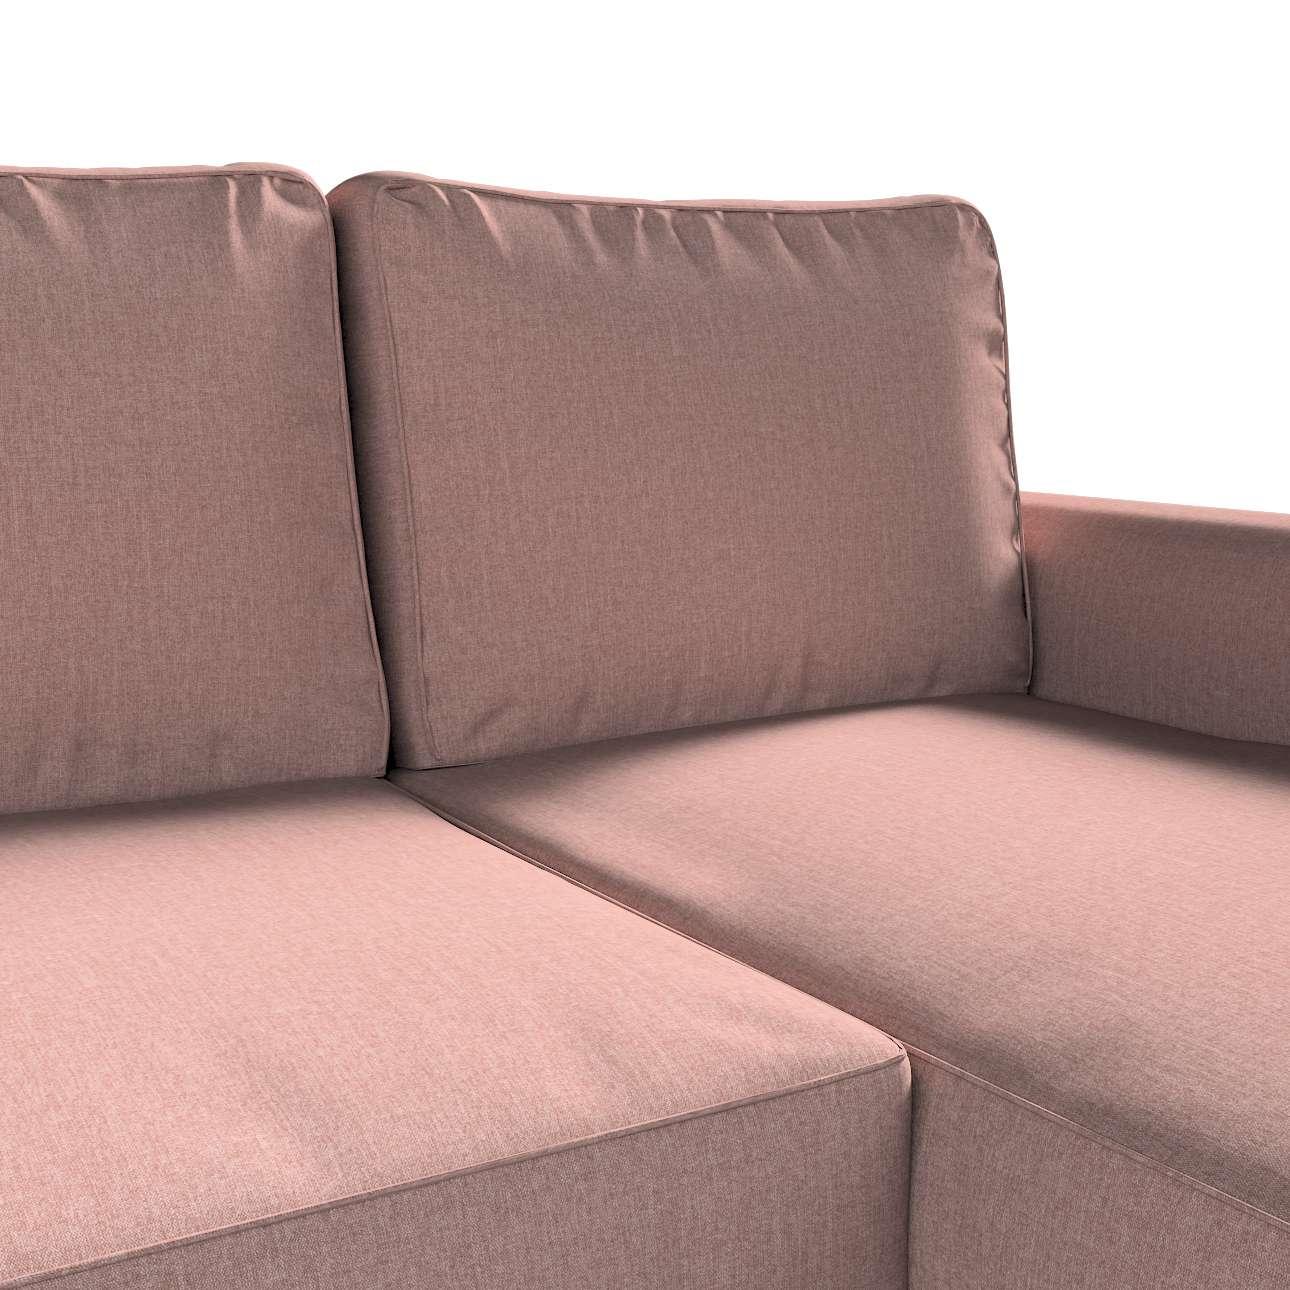 Pokrowiec na sofę Backabro rozkładaną z leżanką w kolekcji City, tkanina: 704-83